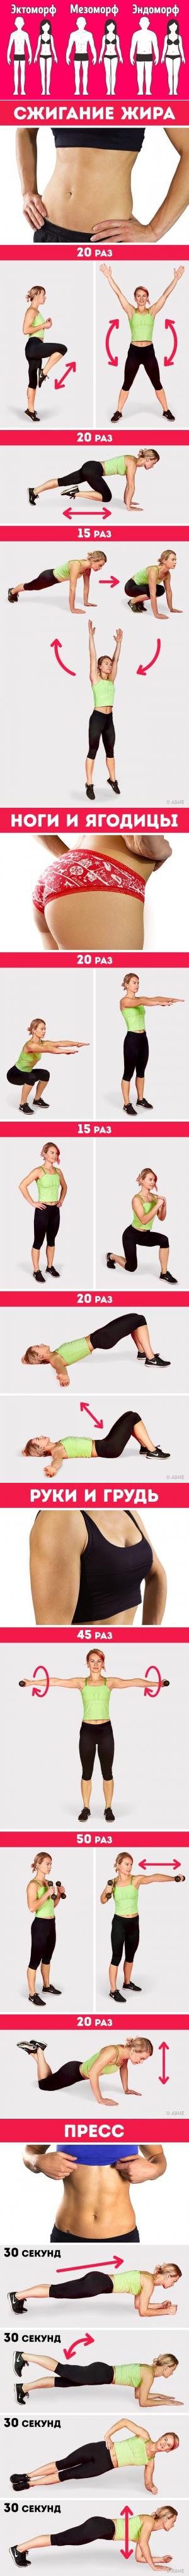 Как Сжечь Жир На Ногах. 5 лучших жиросжигающих упражнений. Полчаса в день — и готово!